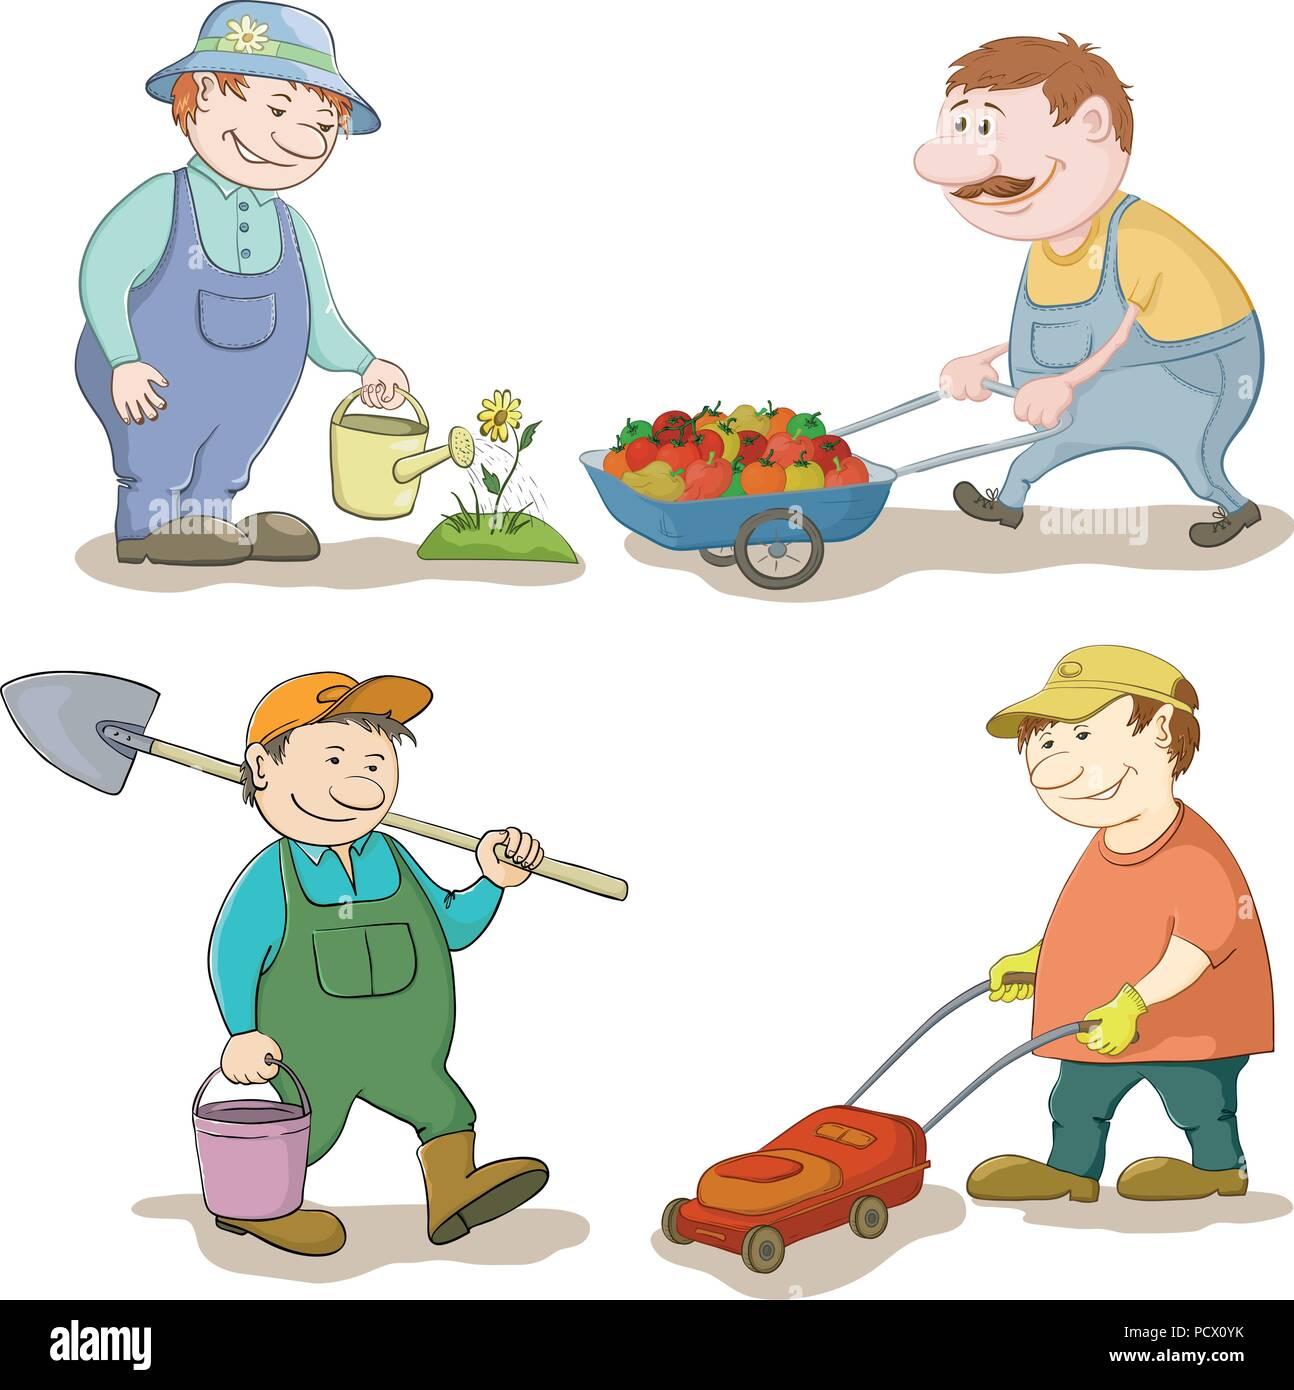 Jardiniers dessin animé: arroser une fleur, porte chariot avec des légumes, avec un seau et spade, avec une tondeuse. Vector illustration Photo Stock